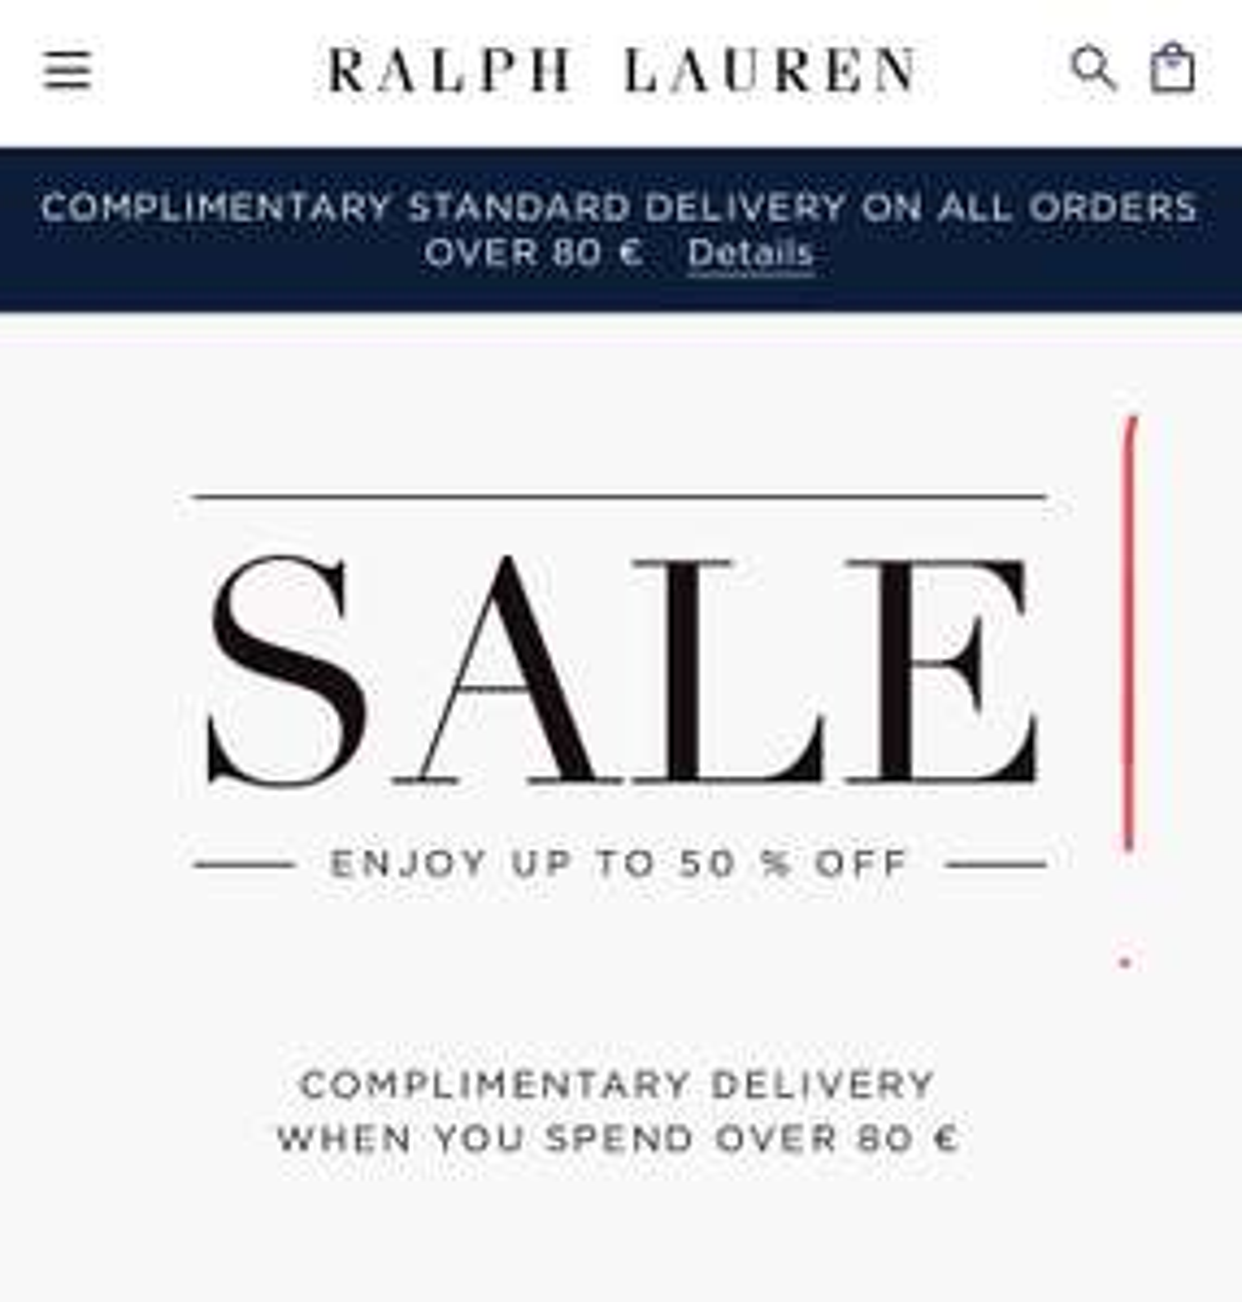 Wyprzedaż do -50% na stronie Ralph Lauren